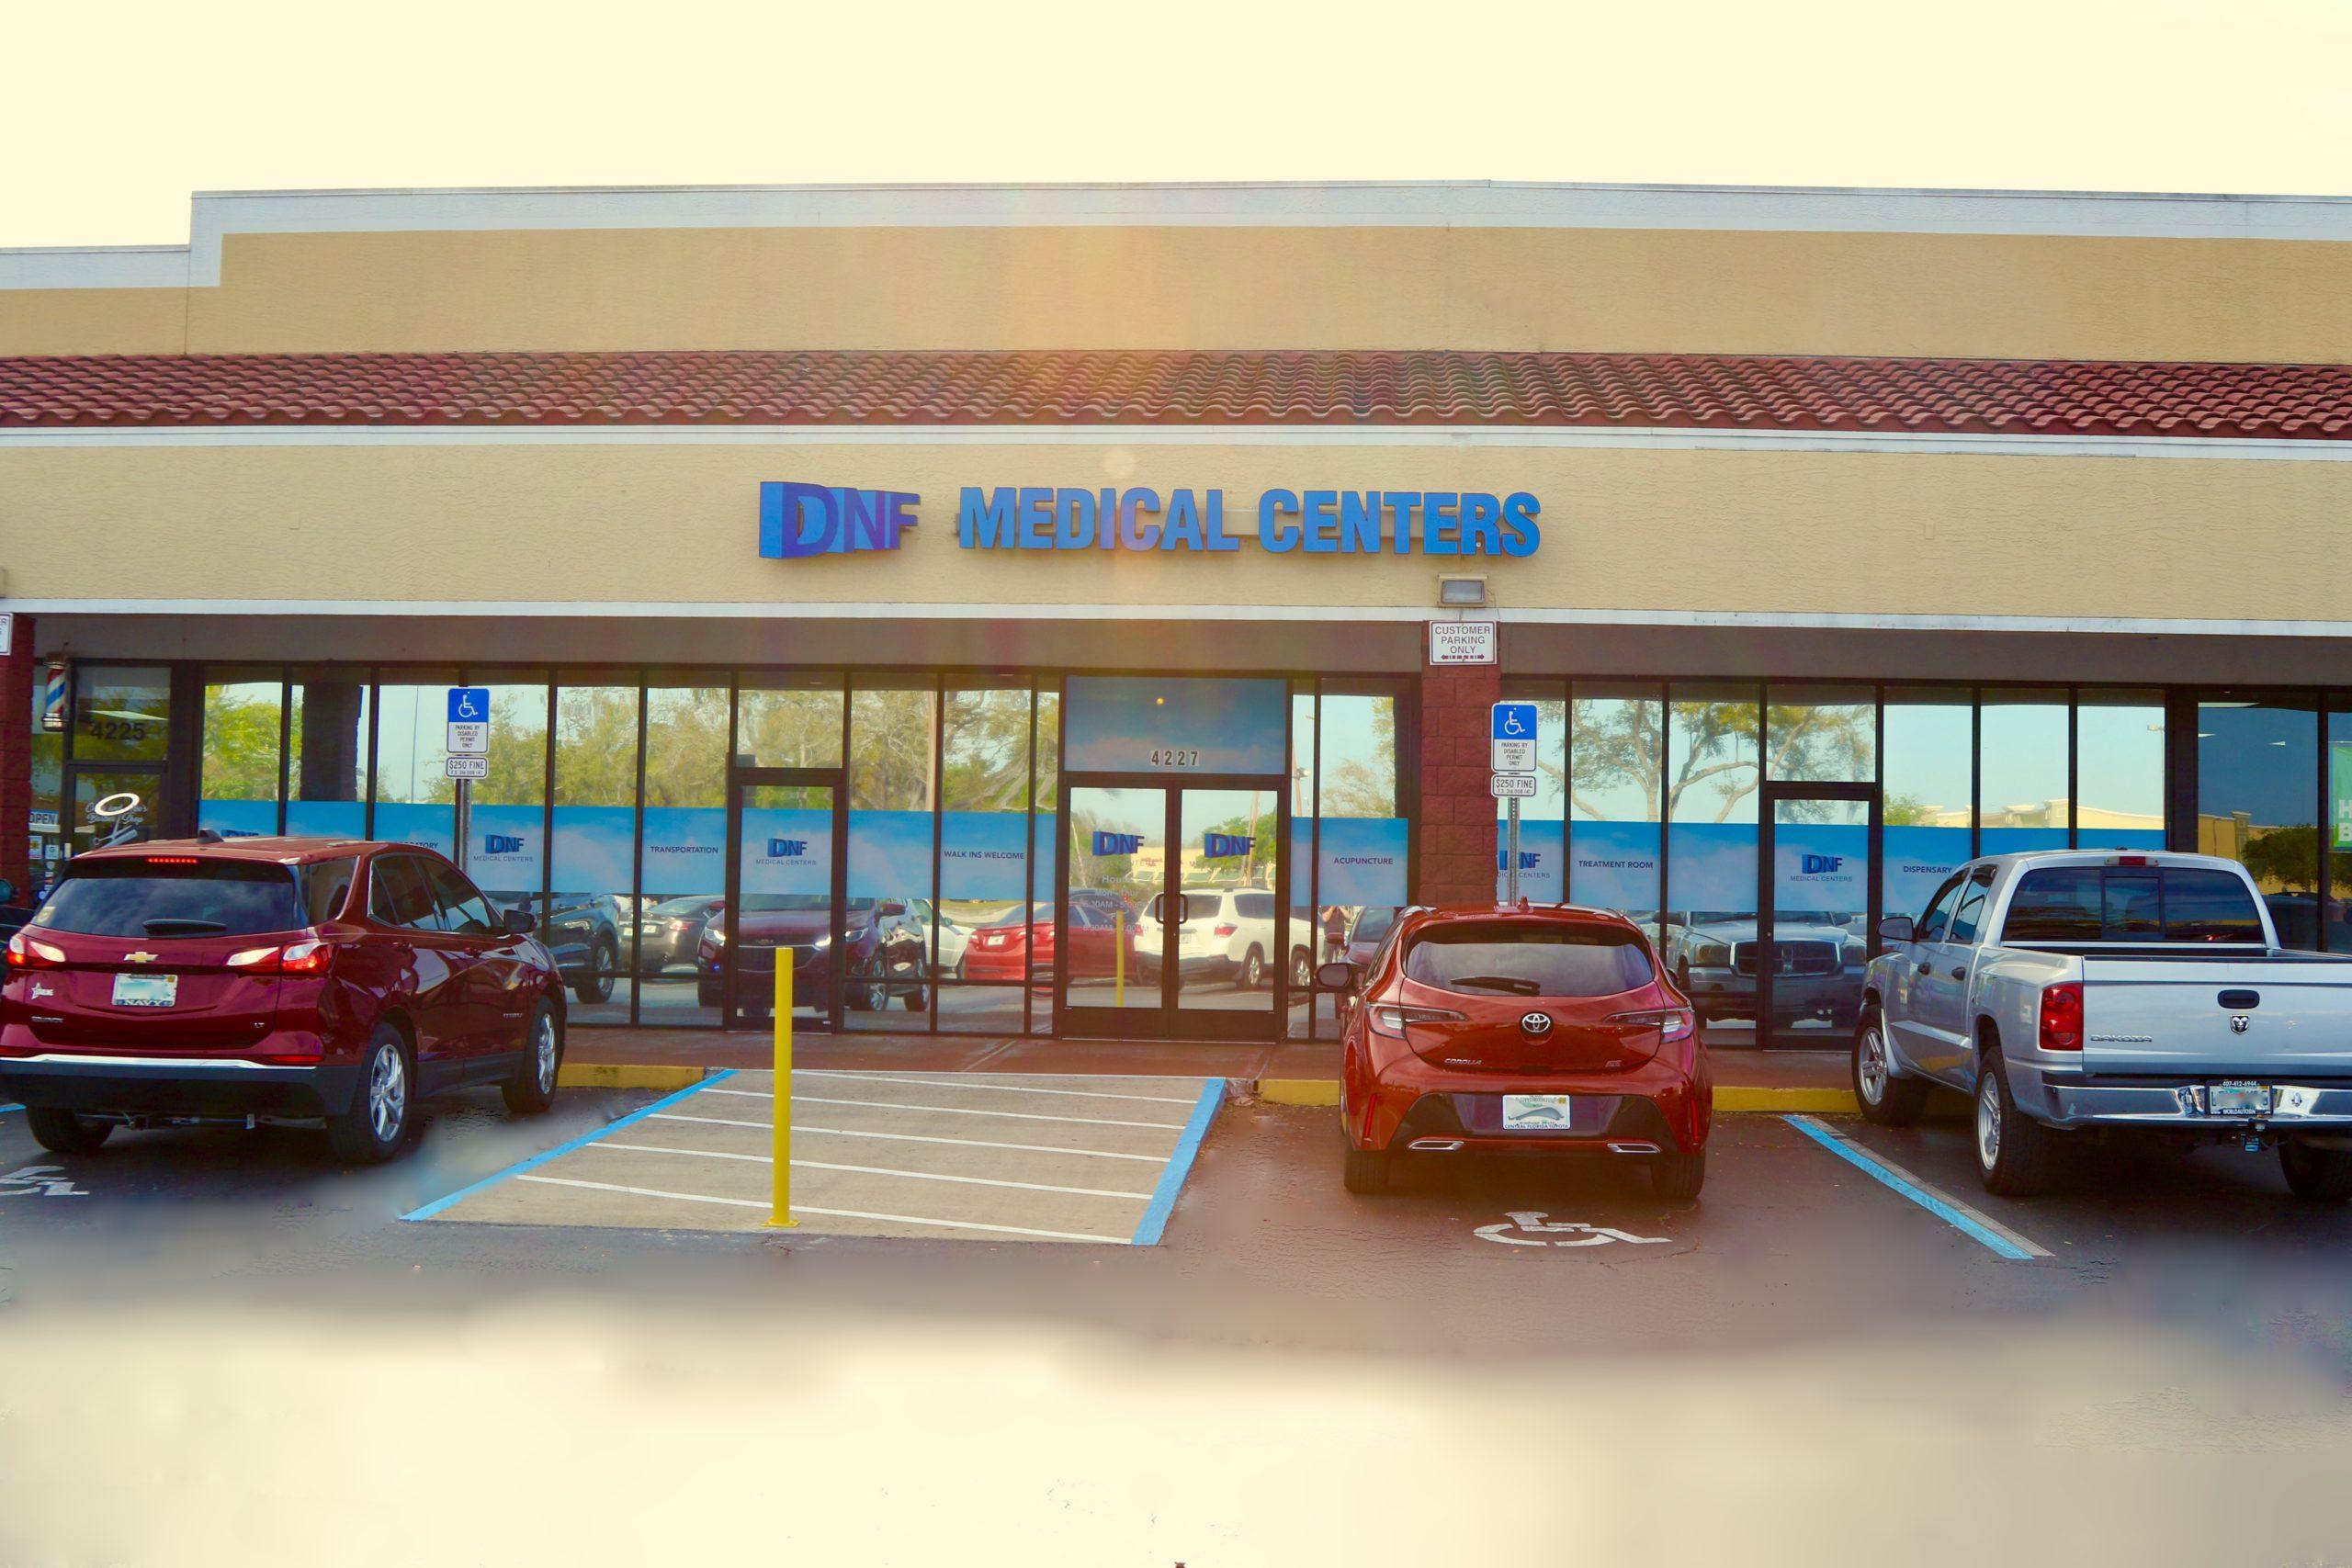 DNF Medical Centers Saint Cloud